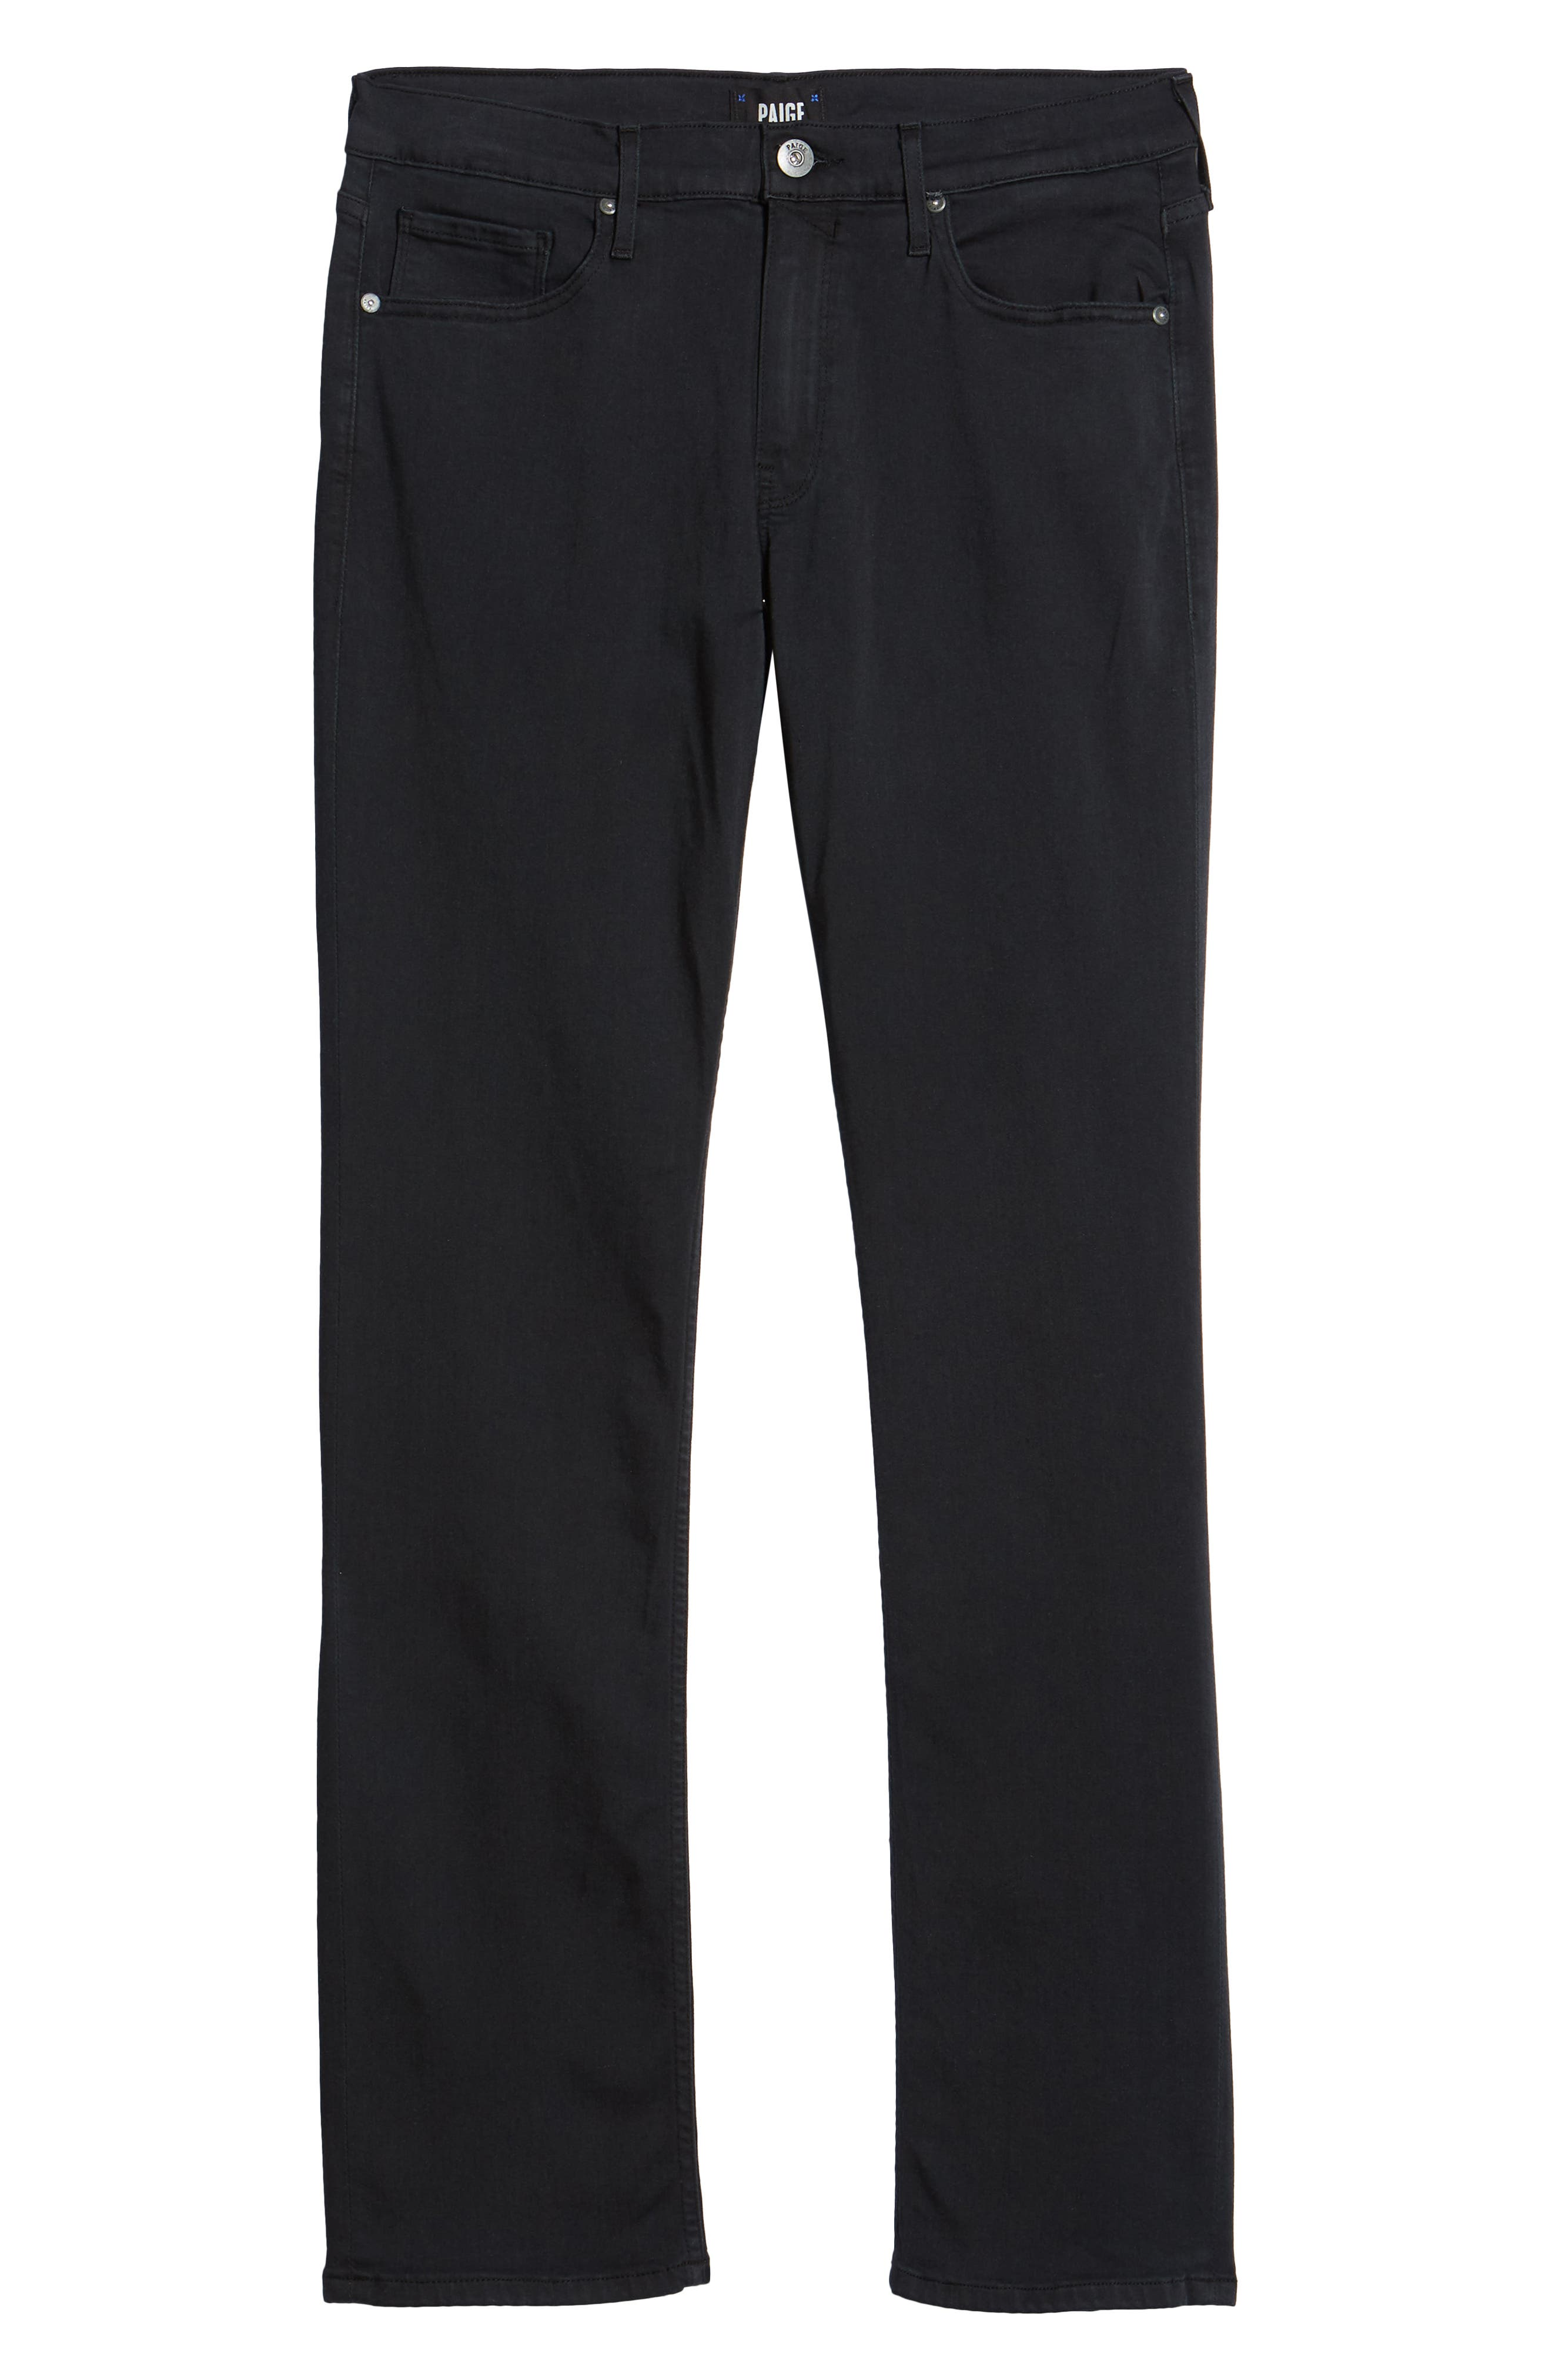 PAIGE,                             Normandie Straight Leg Jeans,                             Alternate thumbnail 6, color,                             400